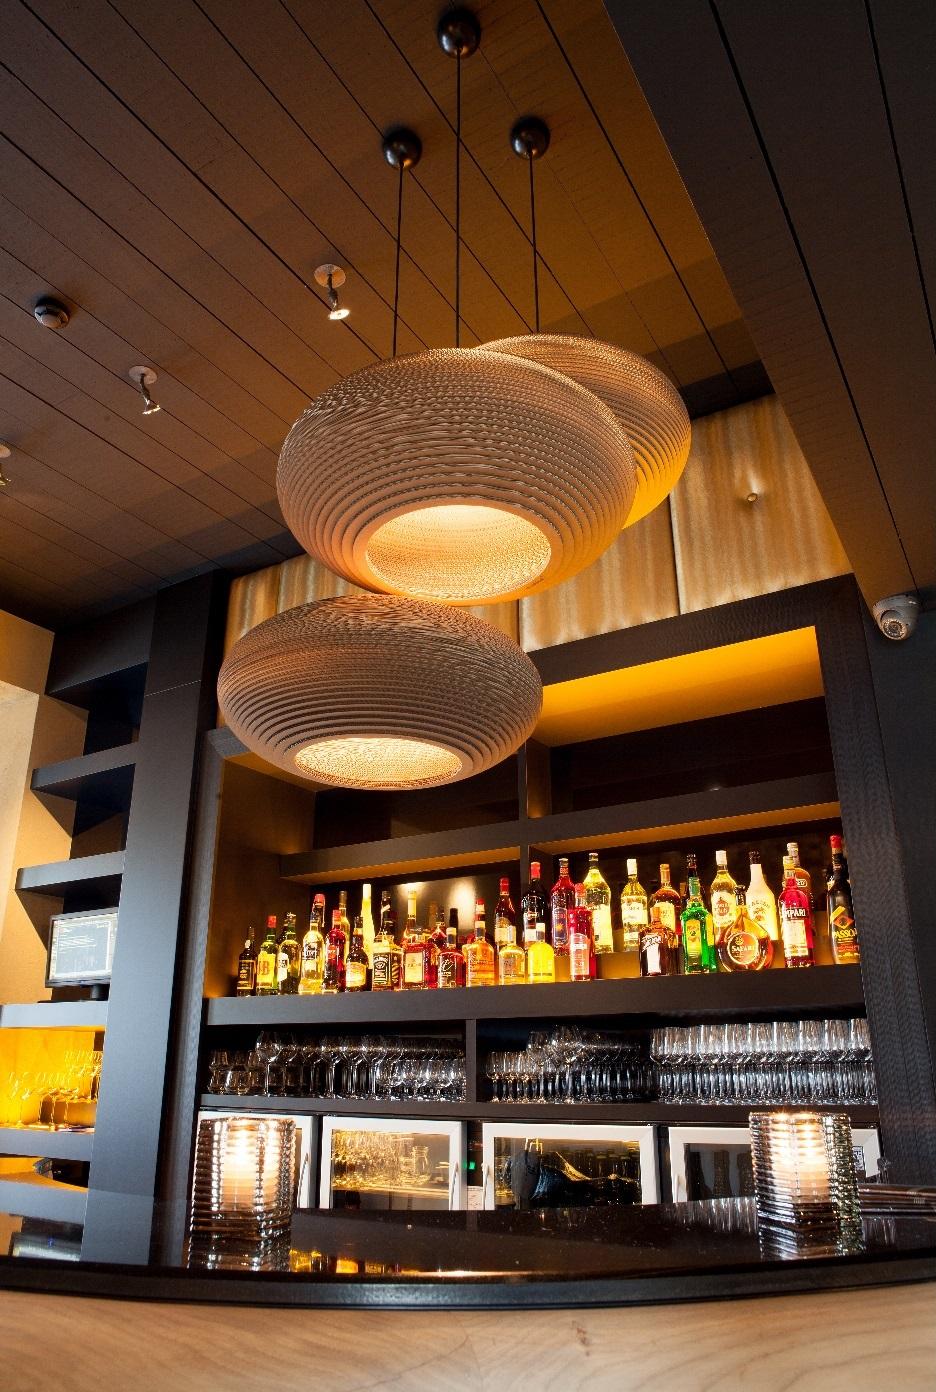 Il gusto italiaans restaurant lochristi 9080 - Eigentijds restaurant ...